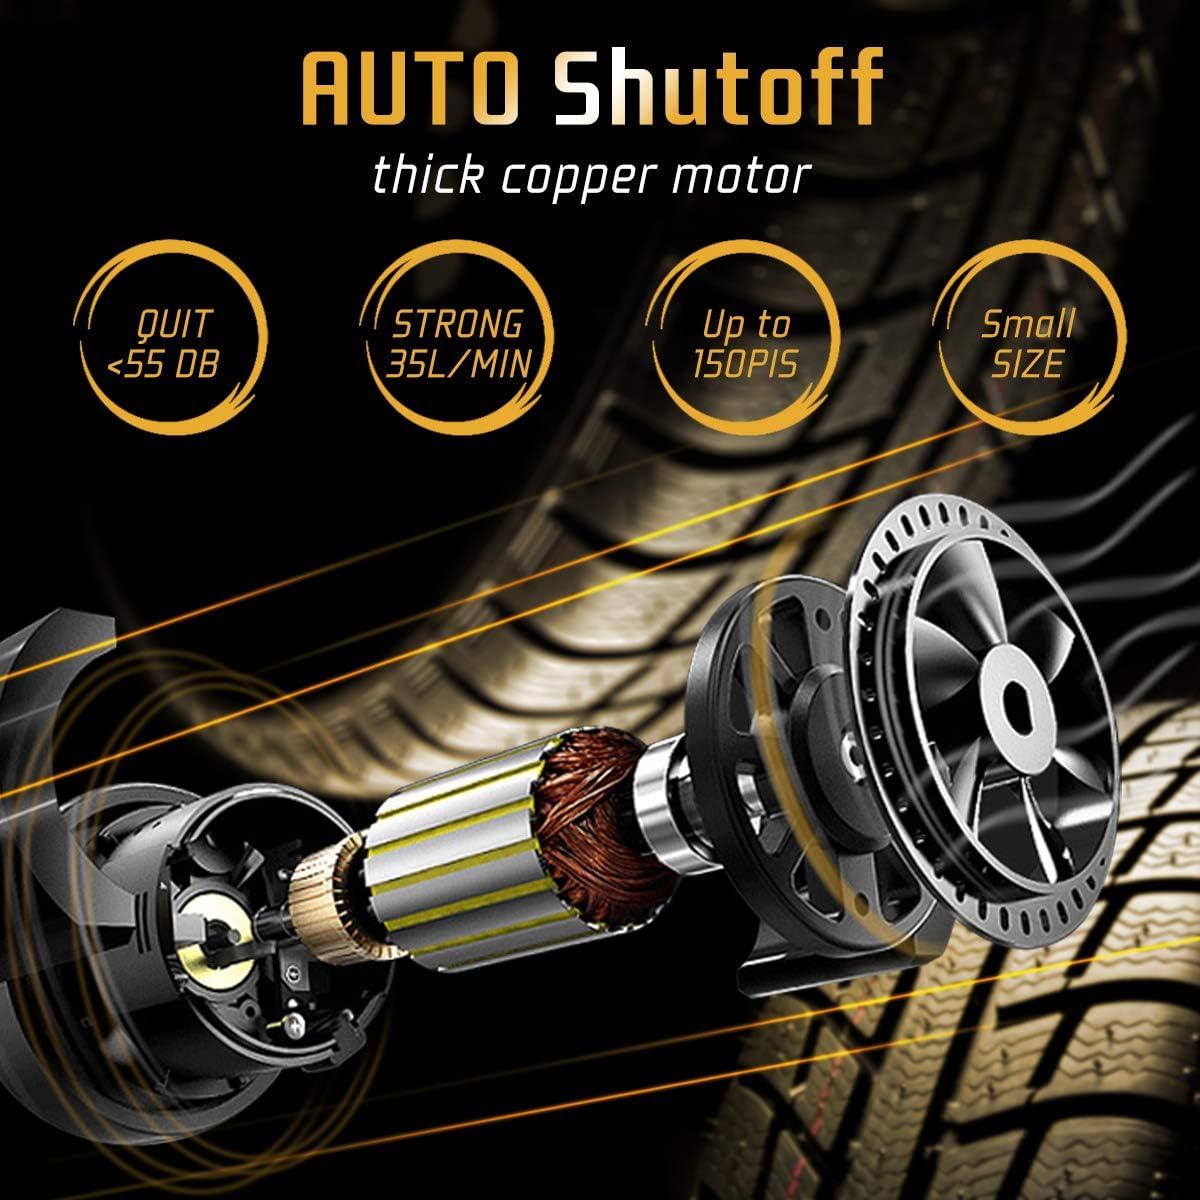 SKEY Compressore Aria Portatile Auto Spegnimento Automatico 12V 150 PSI Mini Pompa Elettrica con Luce a LED per Pneumatici per Auto//Moto//Biciclette e Altre Attrezzature Gonfiabili